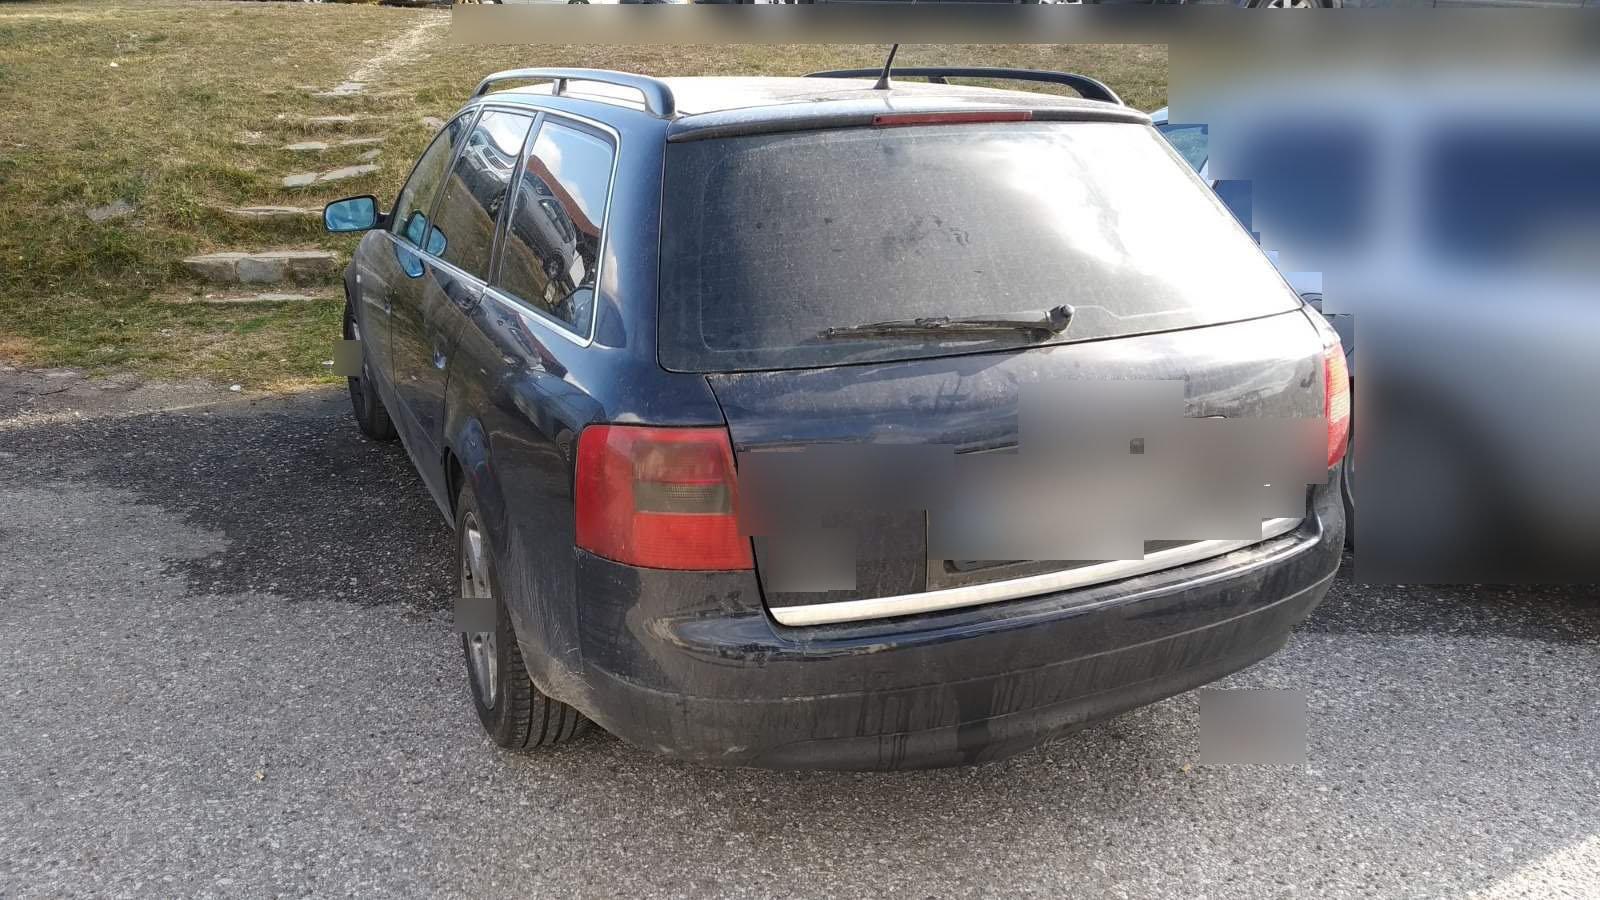 Καστοριά: Έβαλε σε αυτό το αυτοκίνητο 11 άτομα και οδηγούσε χωρίς να έχει δίπλωμα οδήγησης (Φωτό)